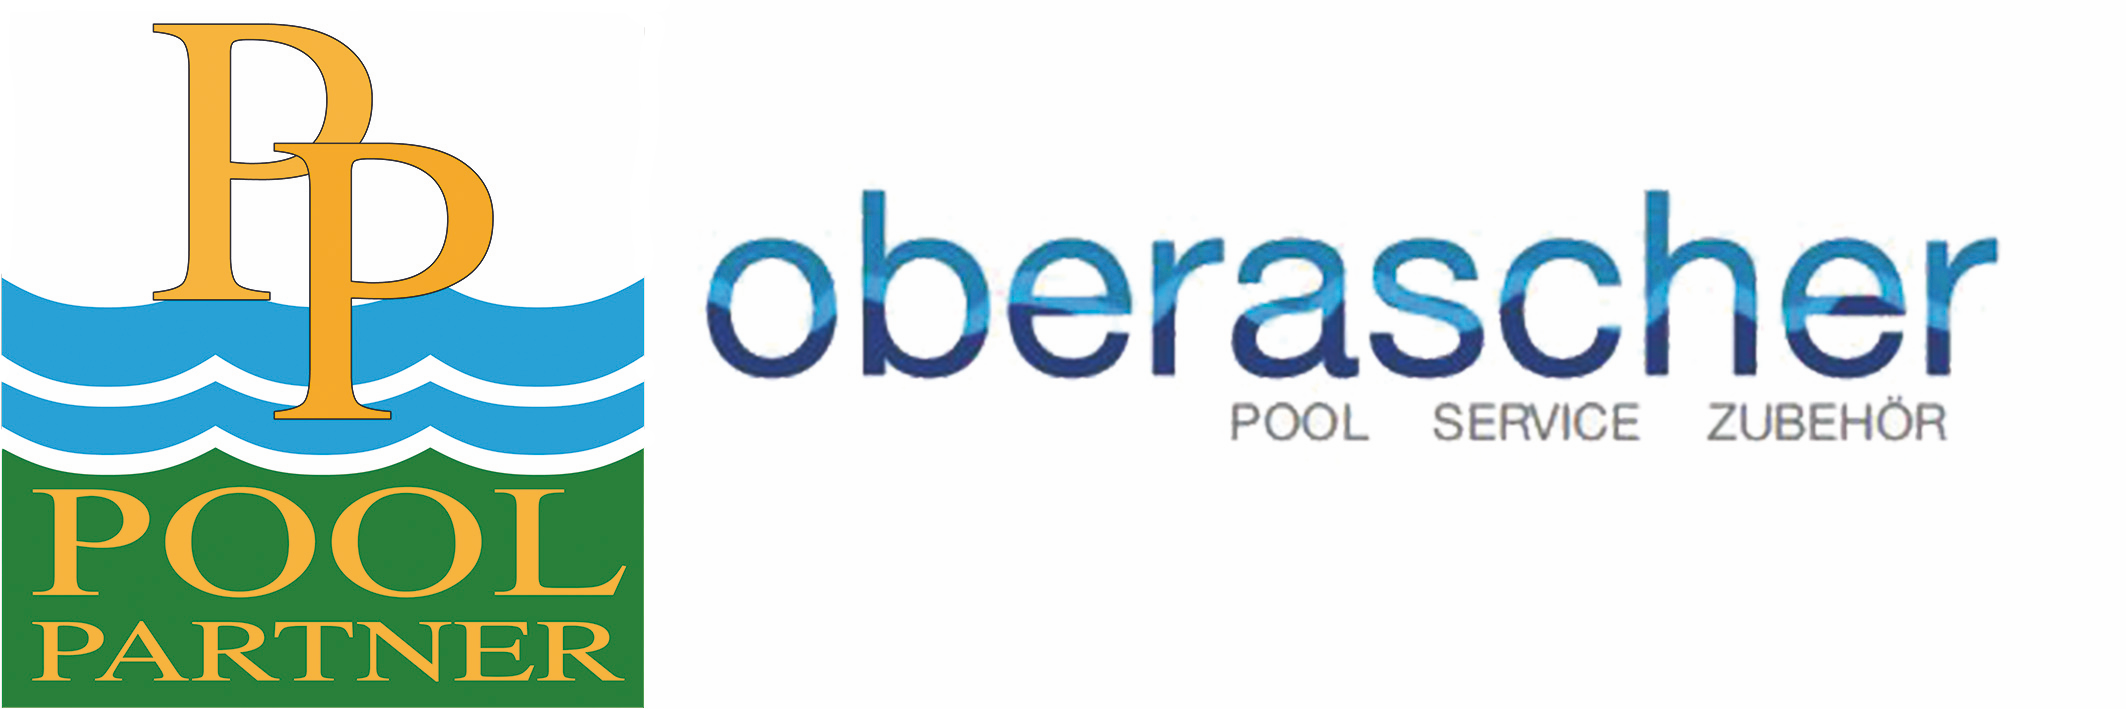 Pool Oberascher - Pool- und Schwimmbadbau in Salzburg | Ihr Fachmann für Swimmingpools, Überdachungen, Poolabdeckungen, Poolroboter, Bodensauger, Wasseraufbereitung, Service Sauna und vieles mehr in Salzburg.